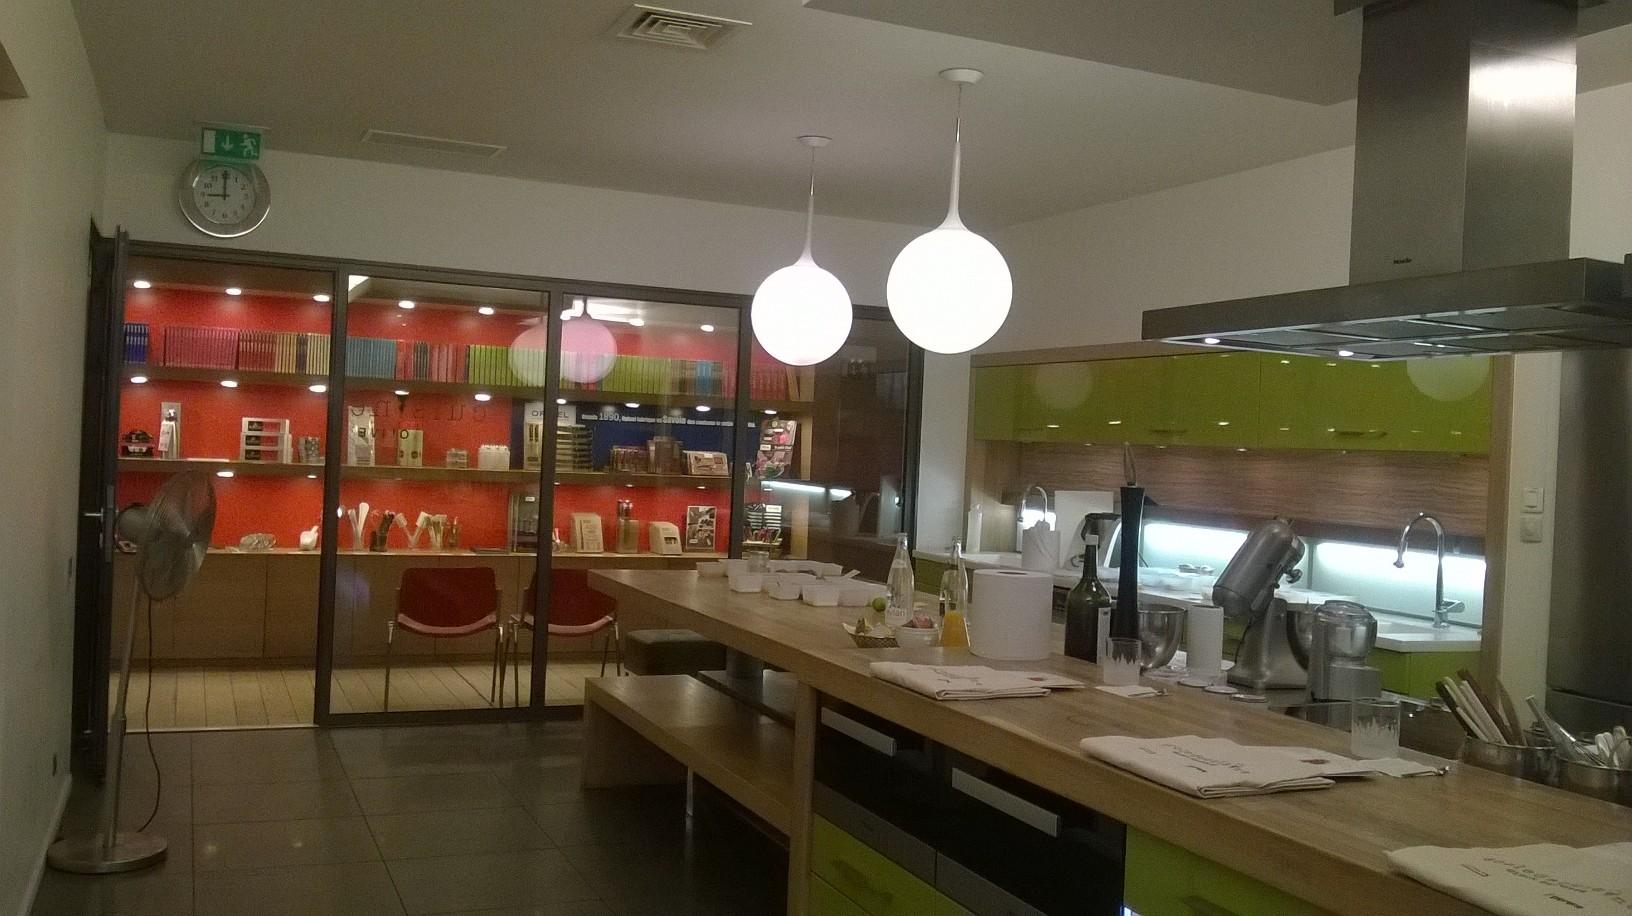 École De Cuisine Alain Ducasse Mundi By C - Cours de cuisine ducasse